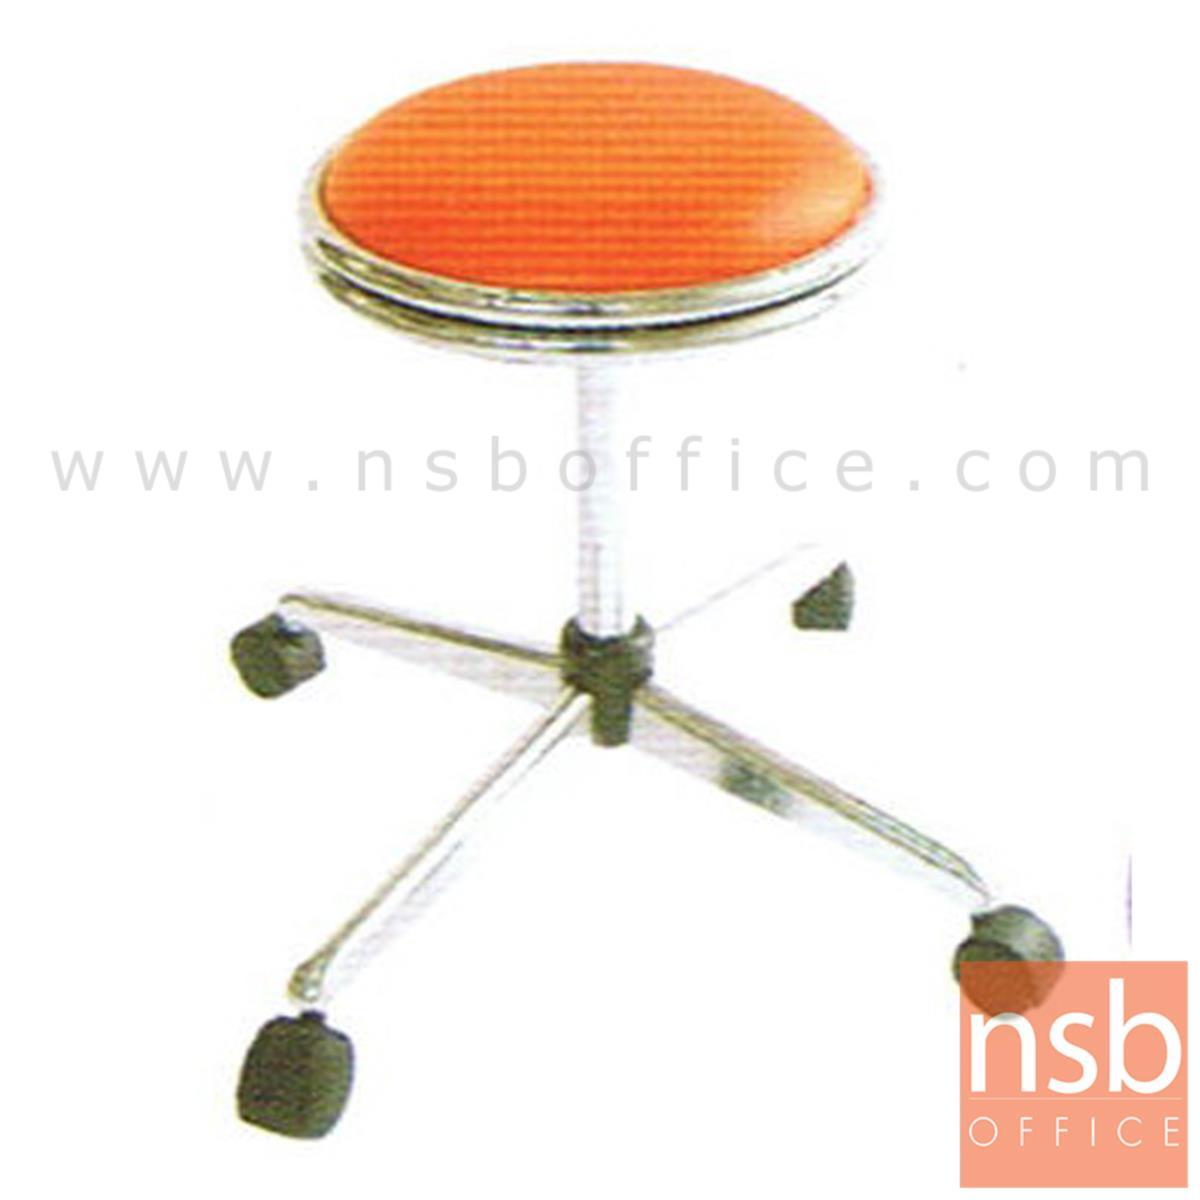 B09A006:เก้าอี้บาร์สตูลที่นั่งกลมล้อเลื่อน รุ่น CS-022 ขาเหล็ก